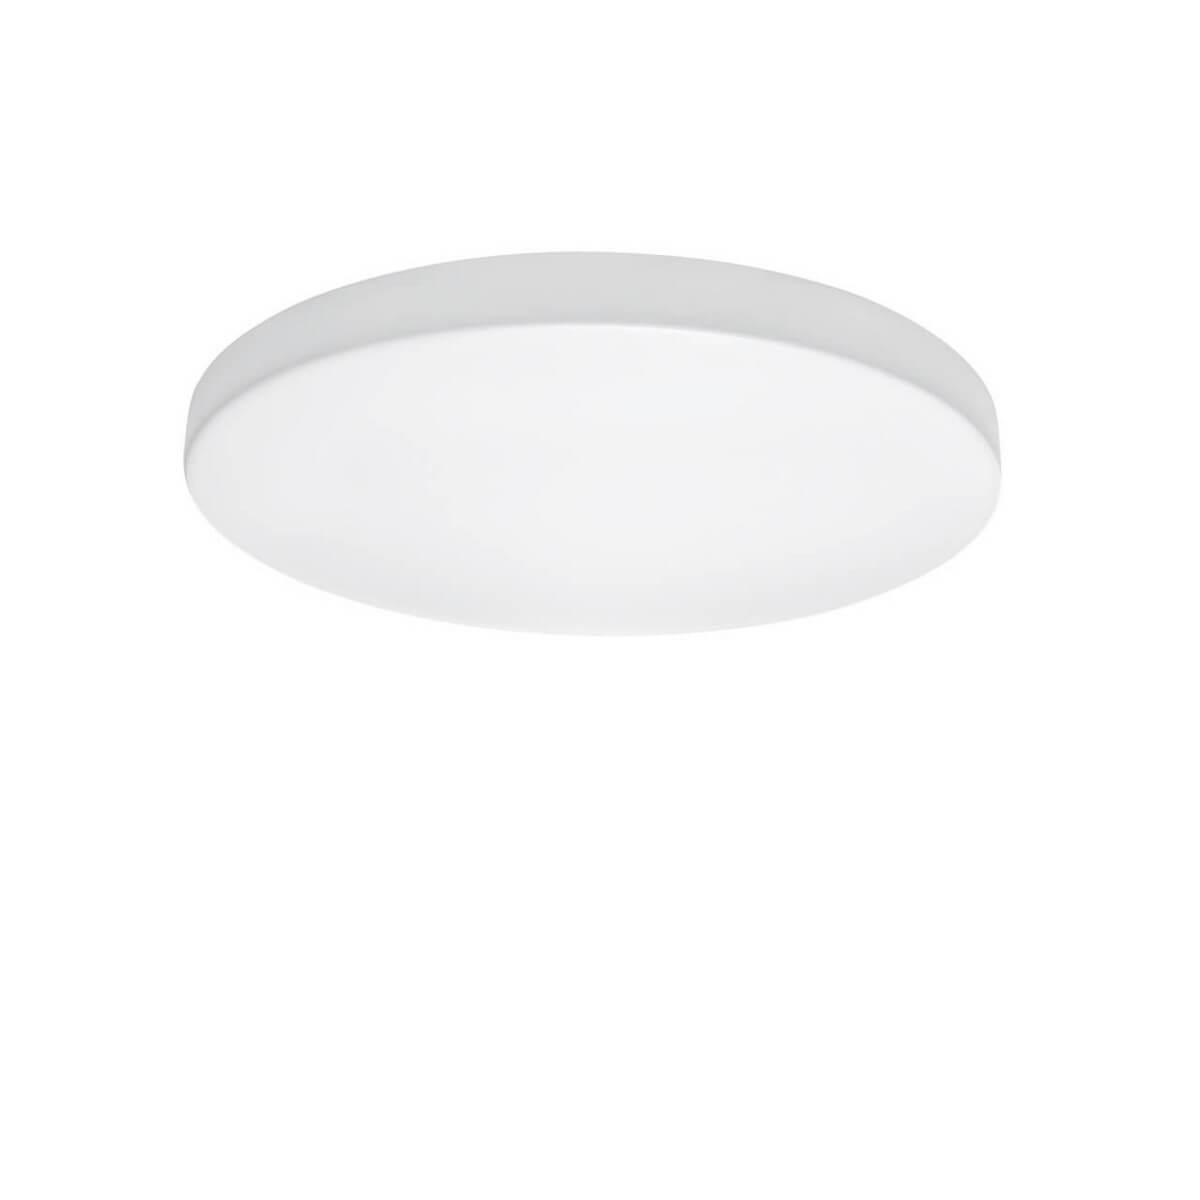 Накладной светильник Lightstar 225204, LED, 20 Вт накладной светильник zocco cyl 225262